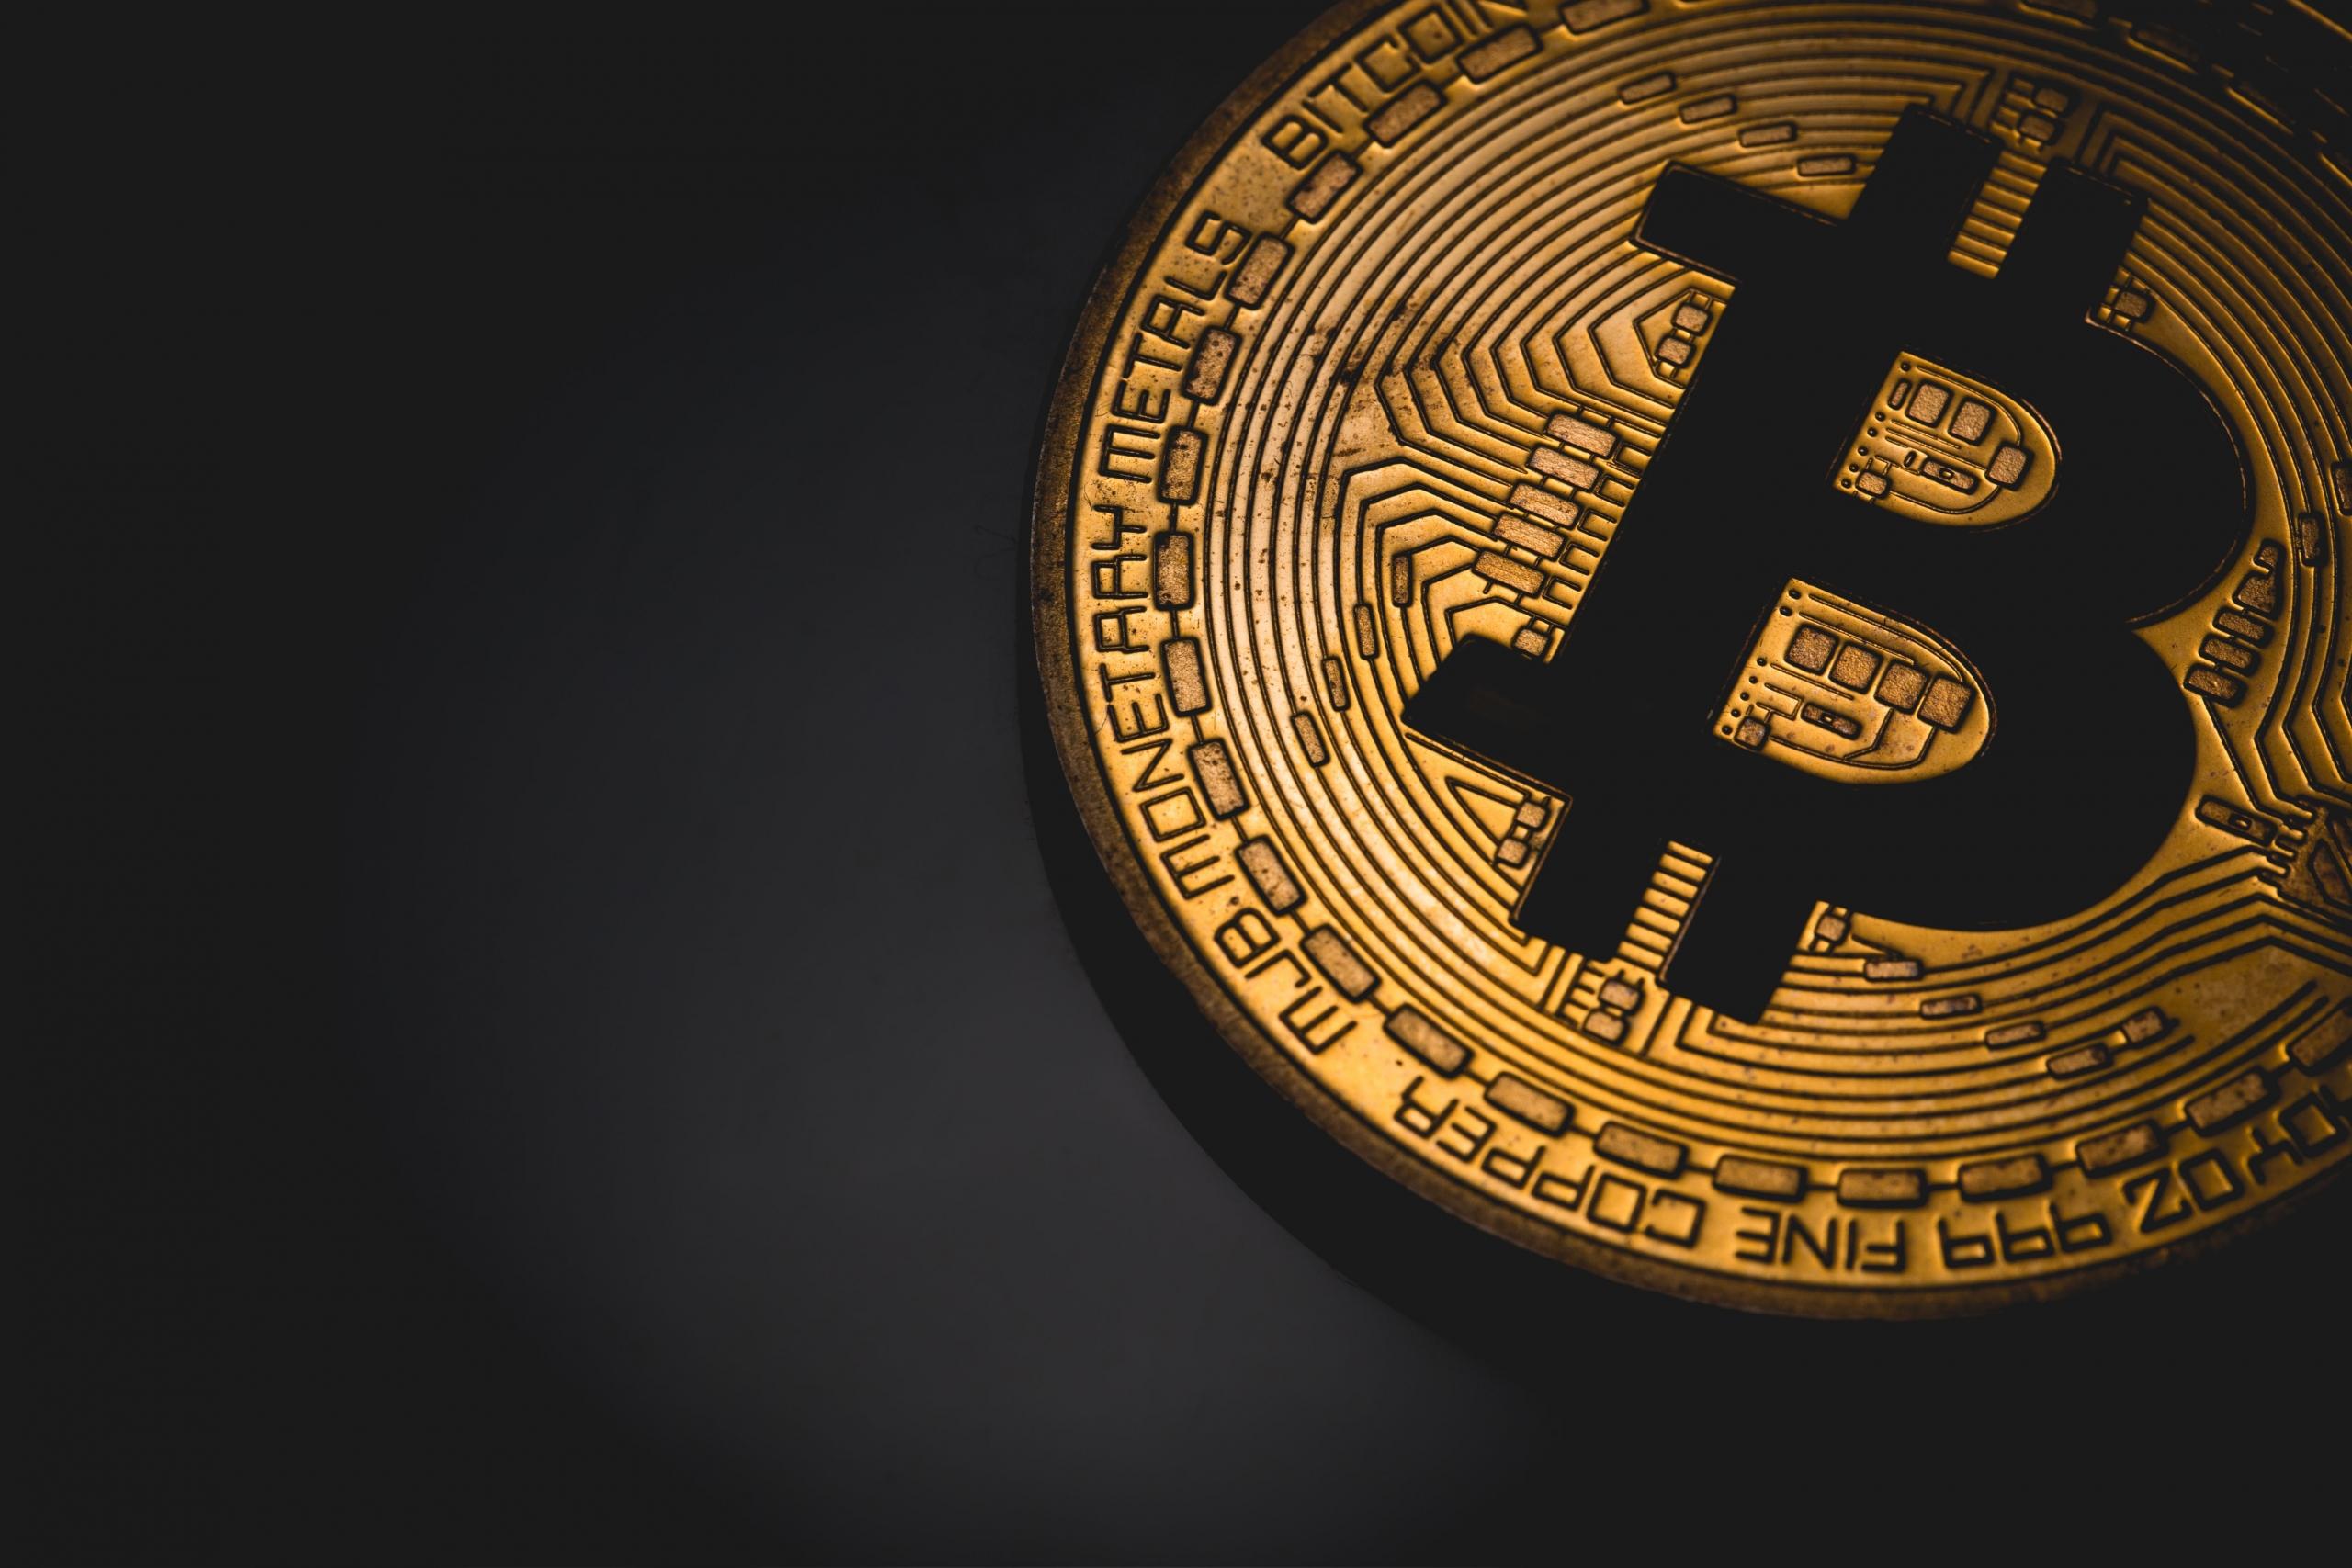 Bitcoin (BTC) és Magyar Forint (HUF) Valuta átváltás kalkulátor